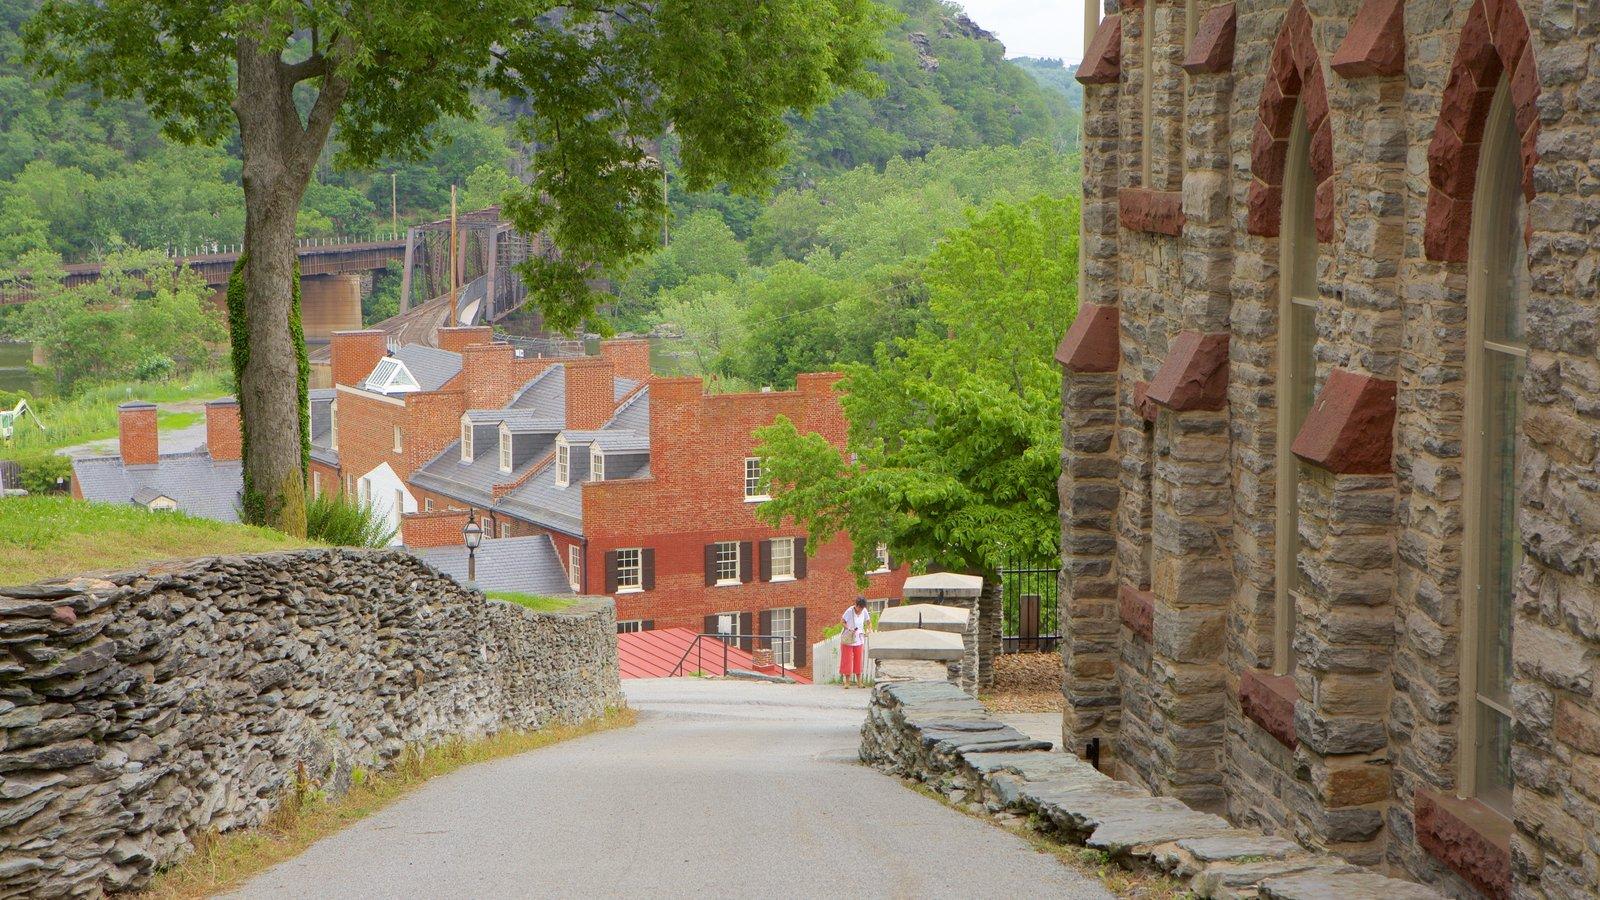 Parque Histórico Nacional de Harpers Ferry ofreciendo una pequeña ciudad o pueblo, escenas urbanas y elementos del patrimonio